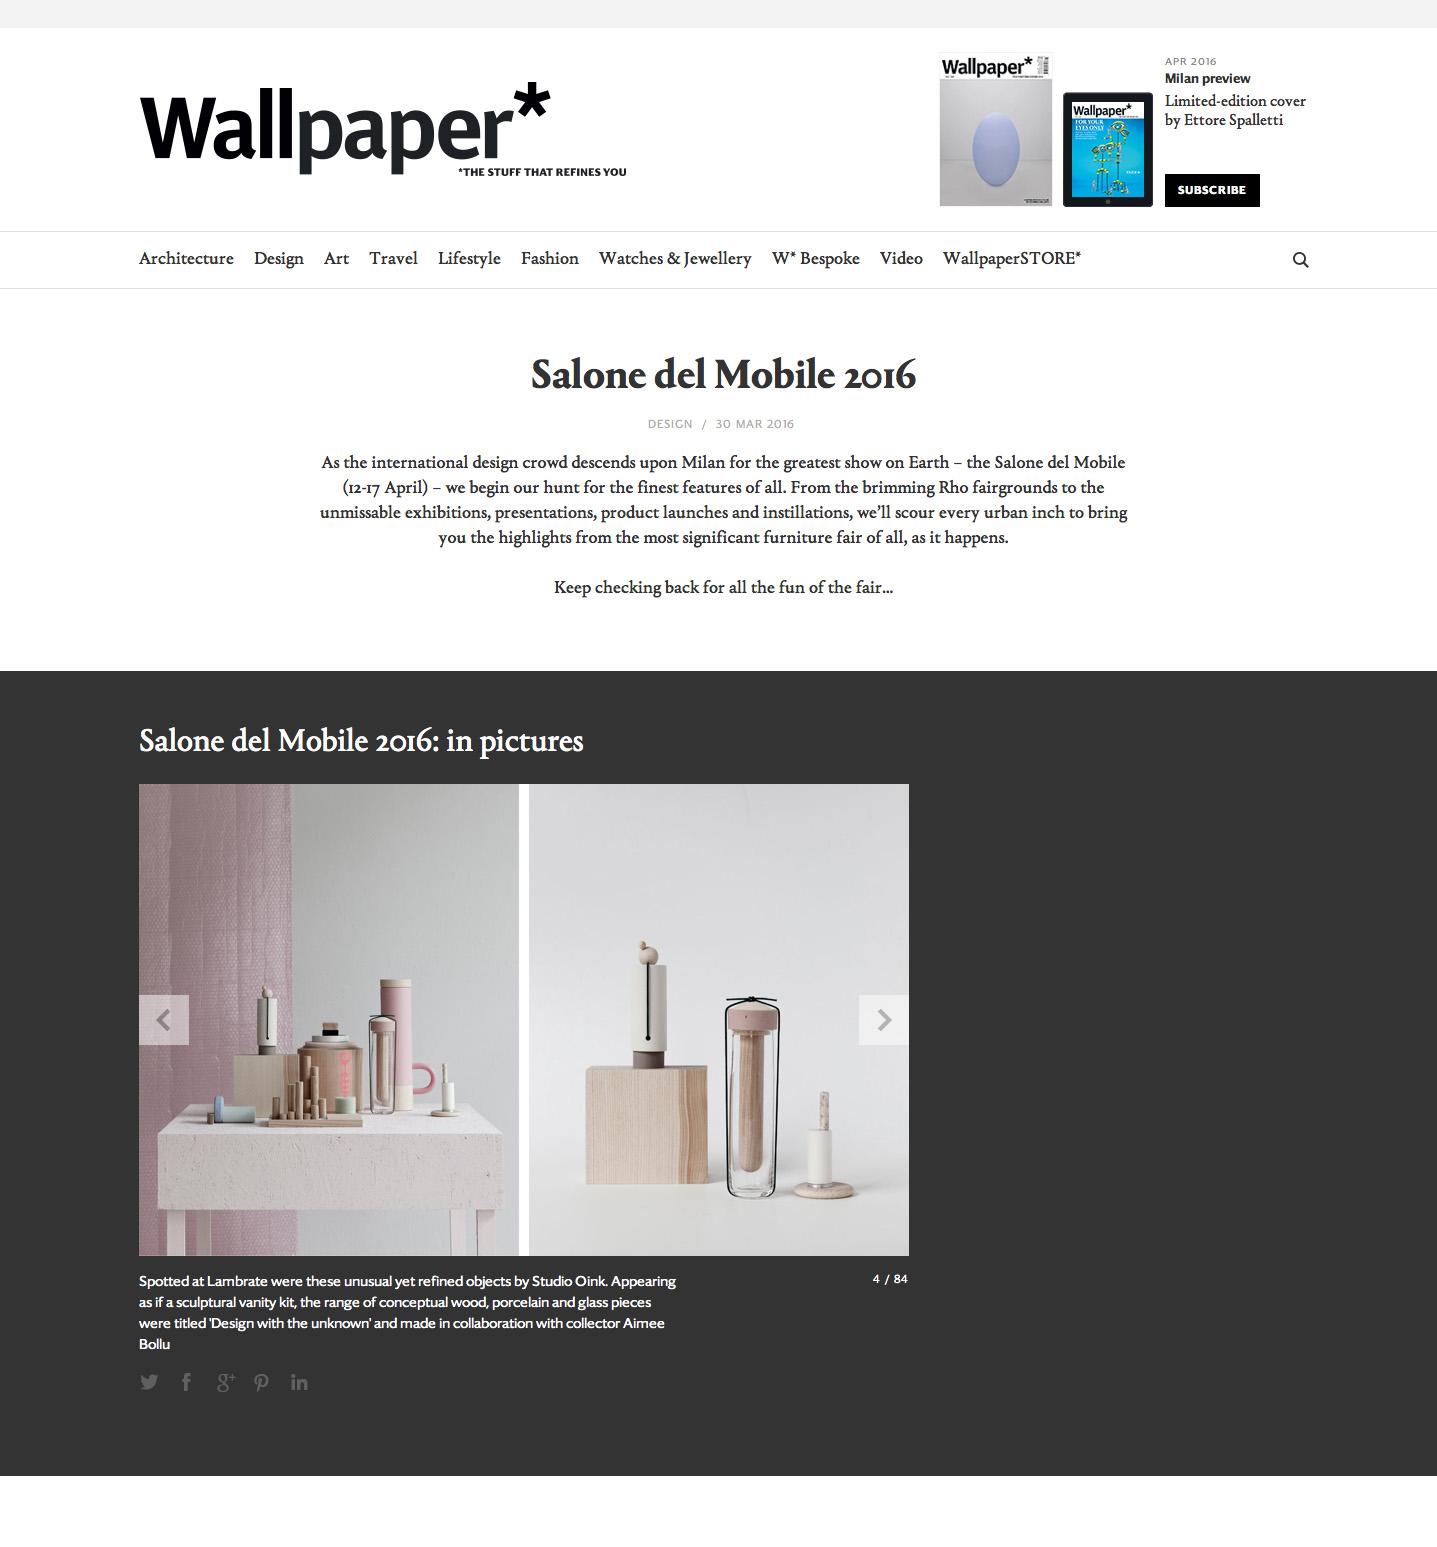 wallpaper-studiooink.jpg